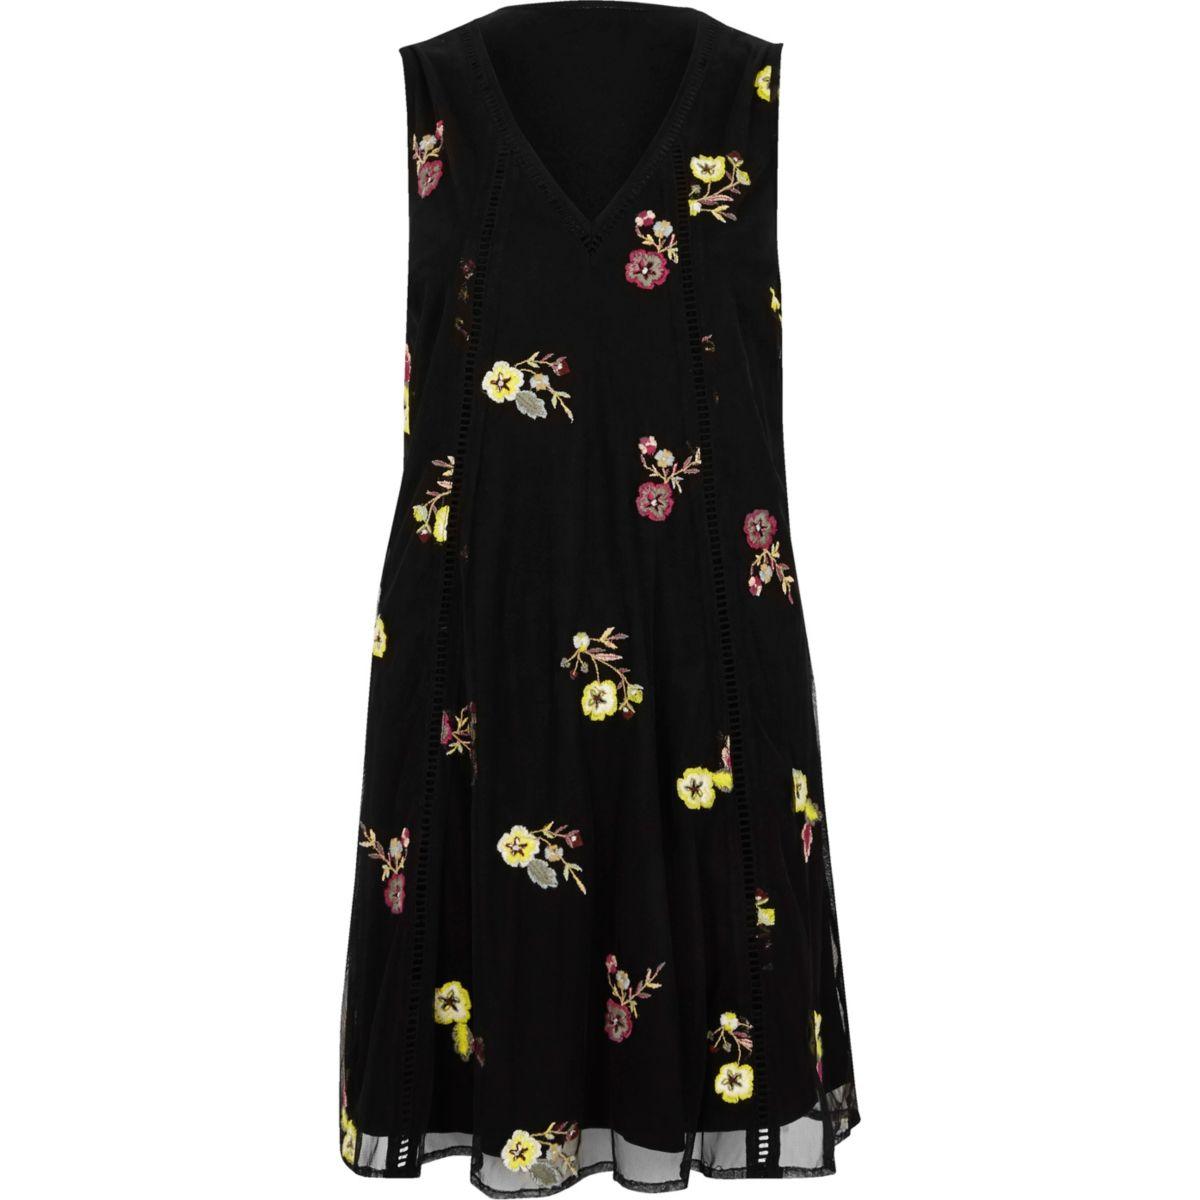 Robe évasée à broderie fleurs noire